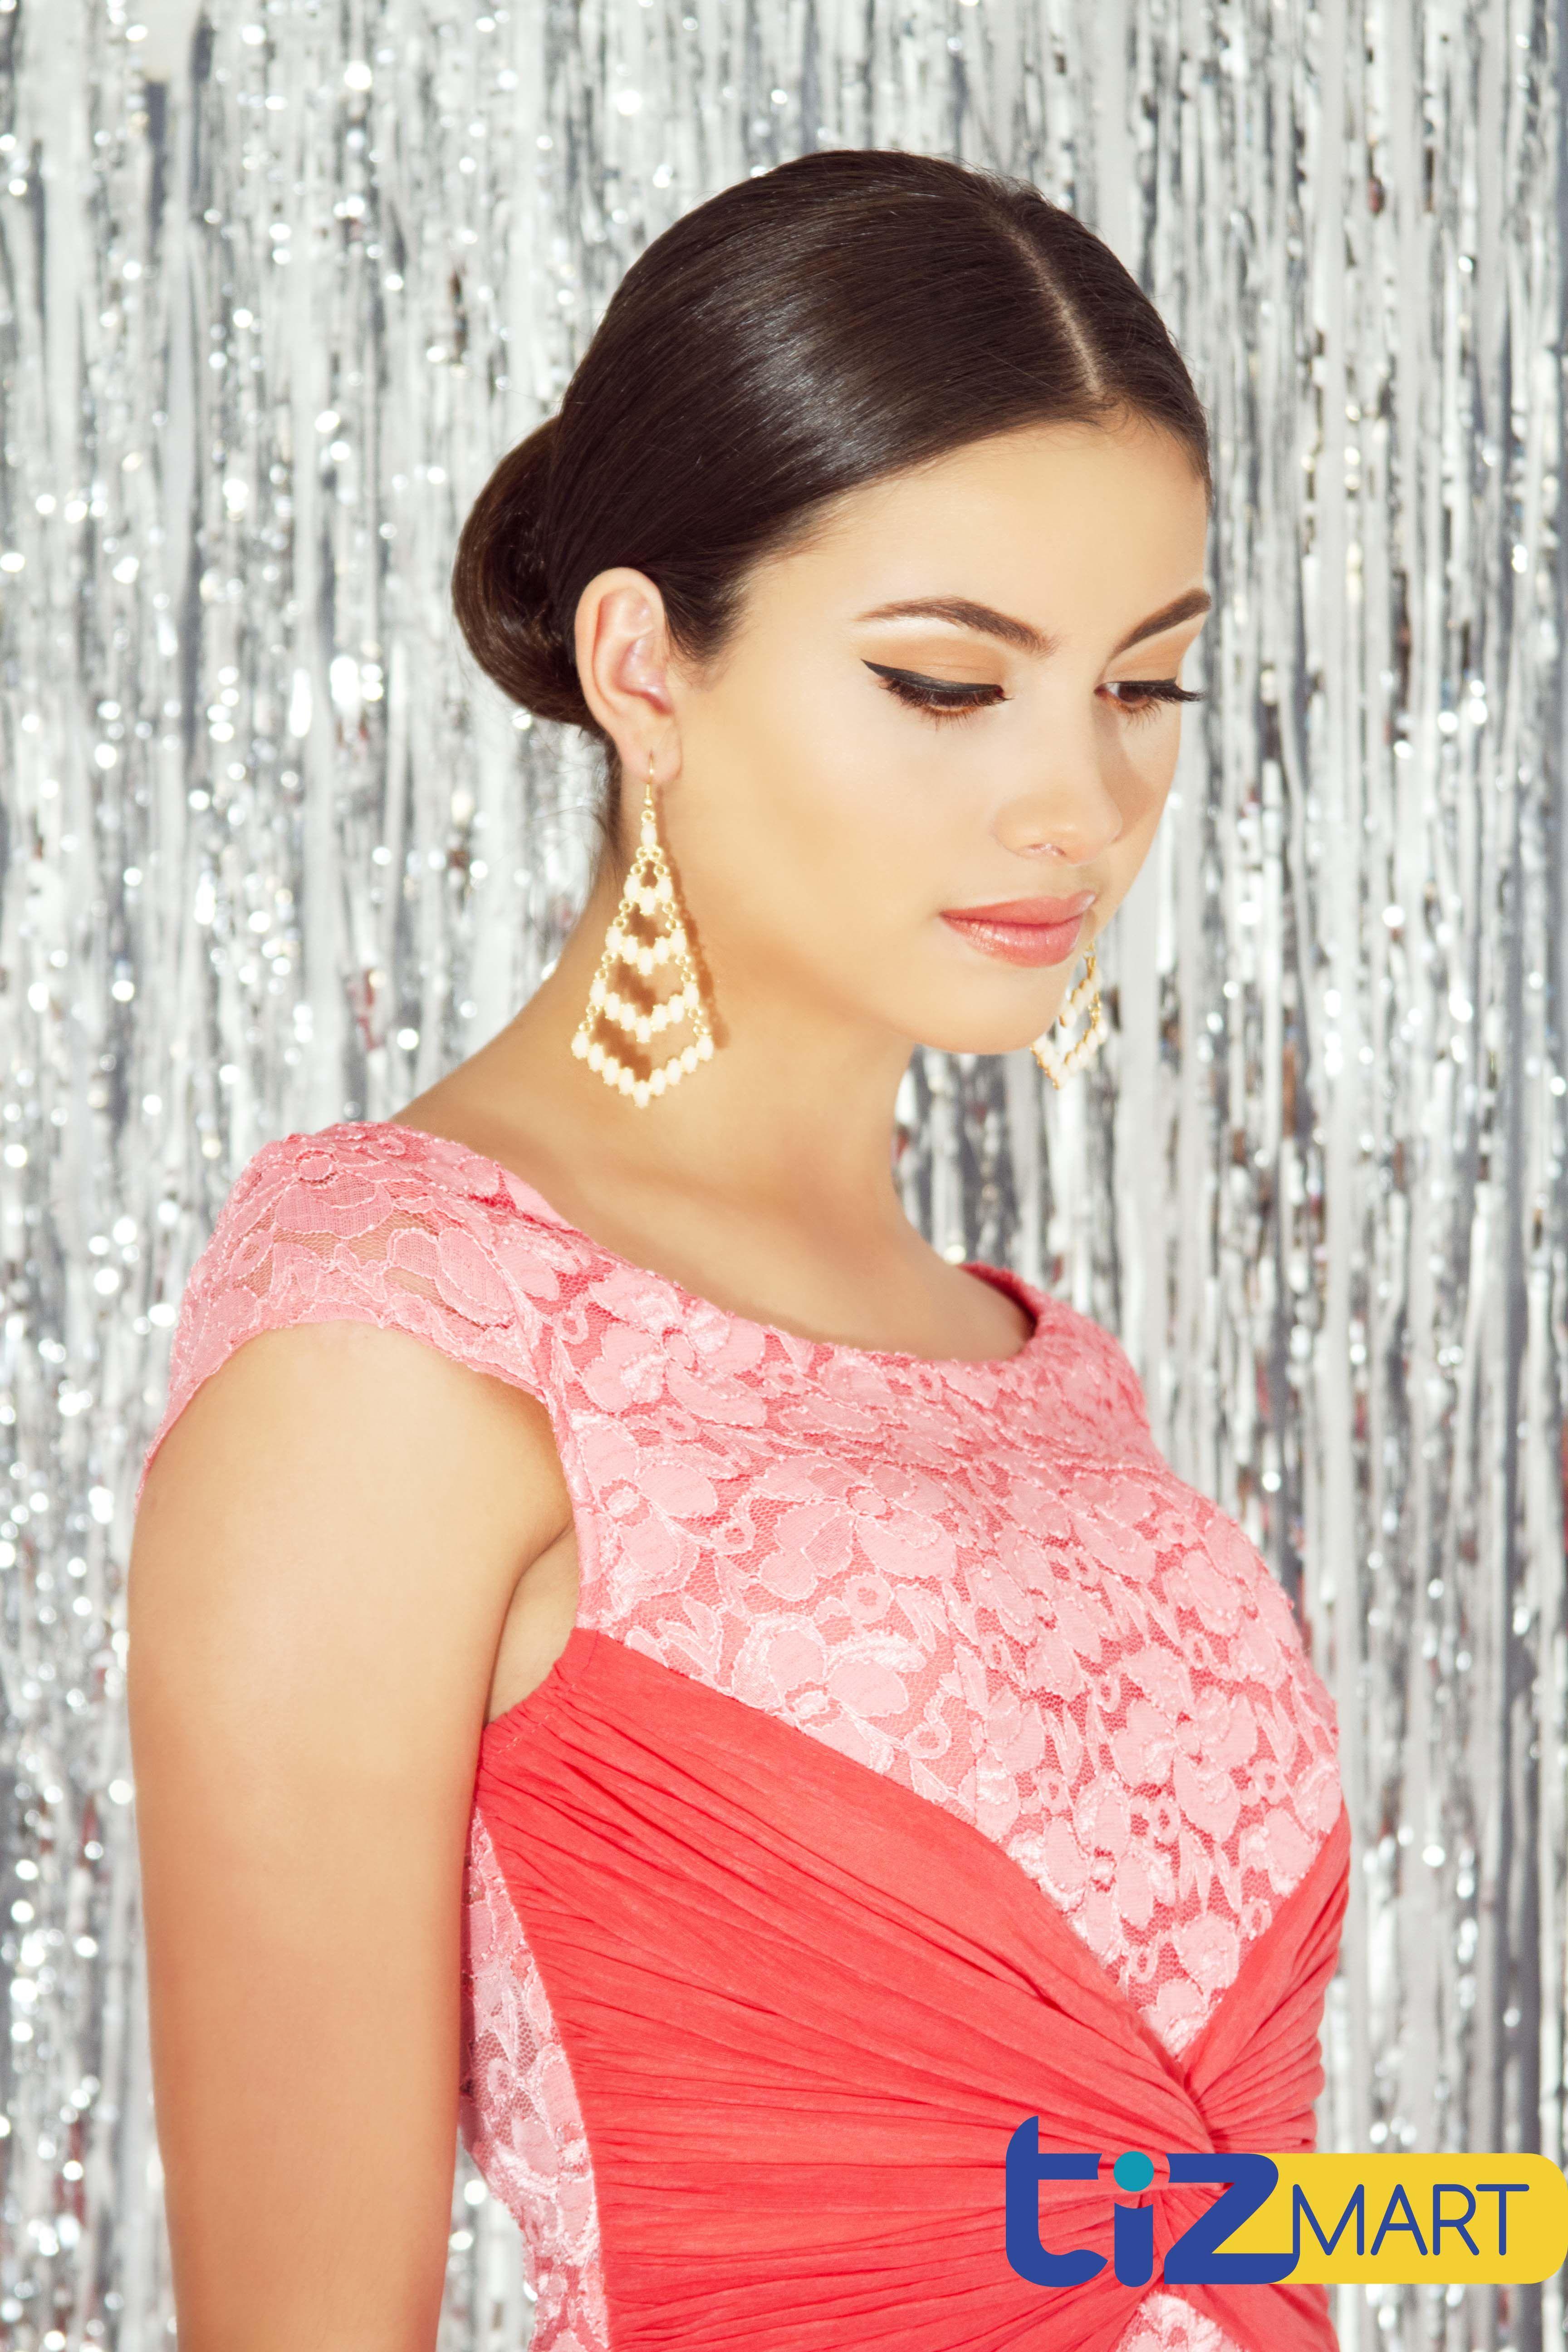 Vestido largo estilo sirena. Color rosa. Úsalo con aretes largos dorados o plata y sandalias altas que combinen.